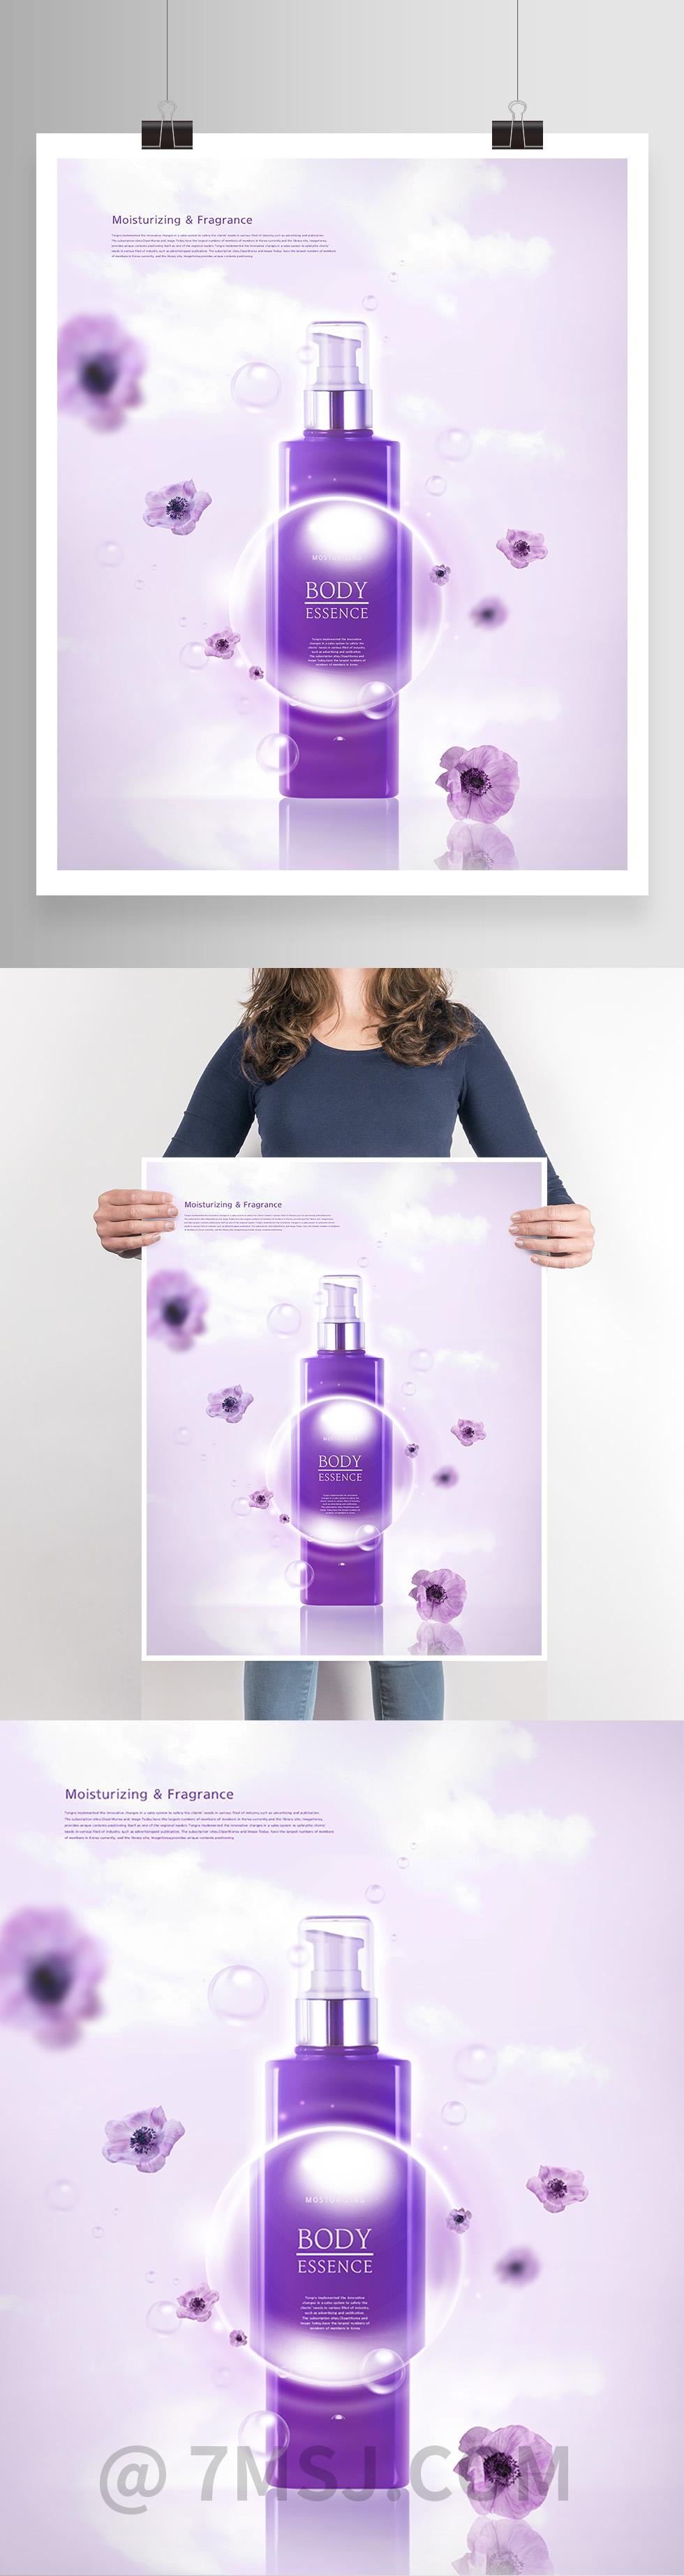 简约创意高端护肤化妆美容焕颜海报